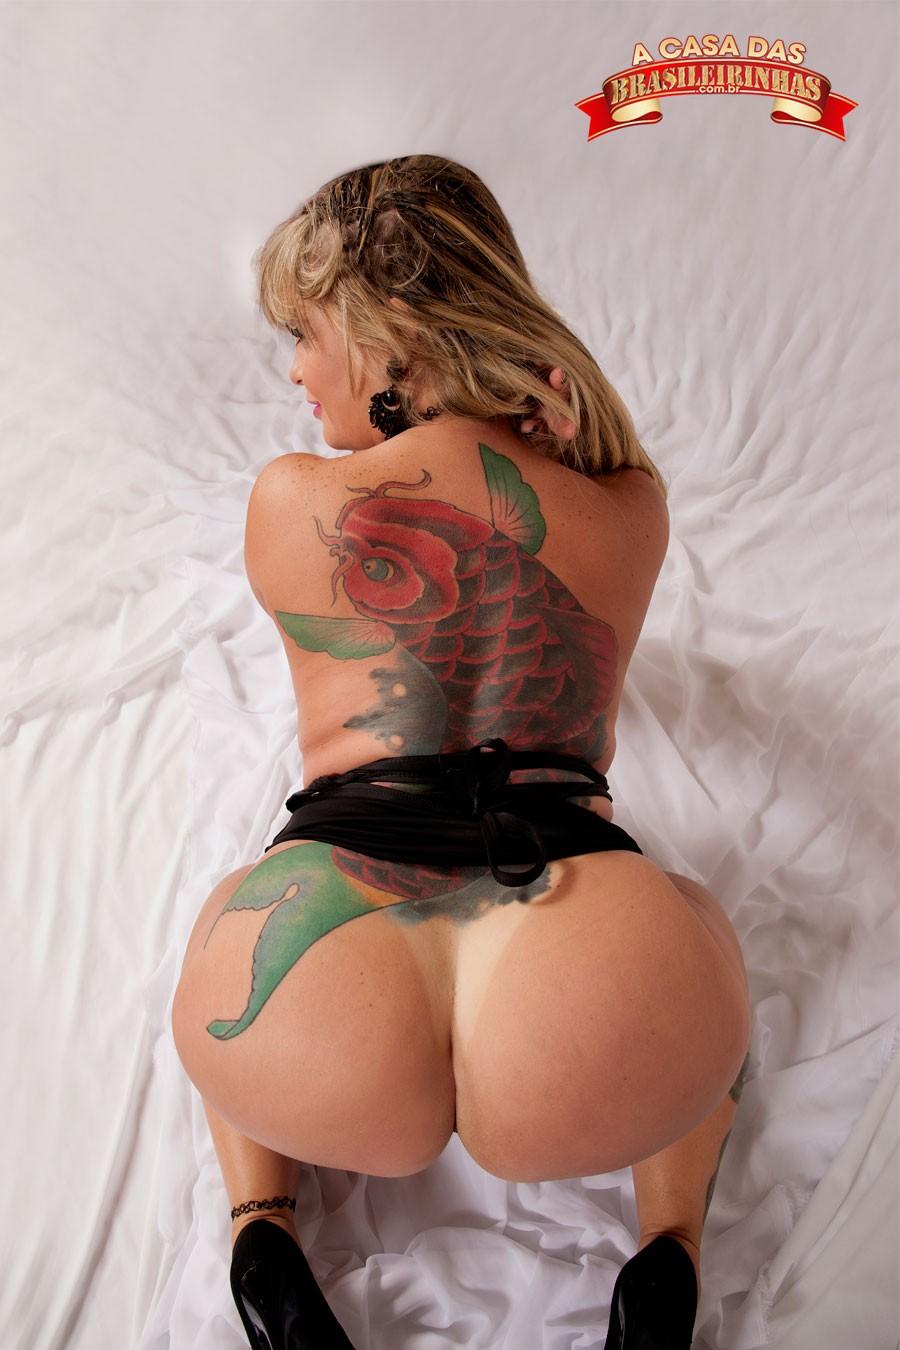 Ensaio fotografico com loira muito gostosa anal 10